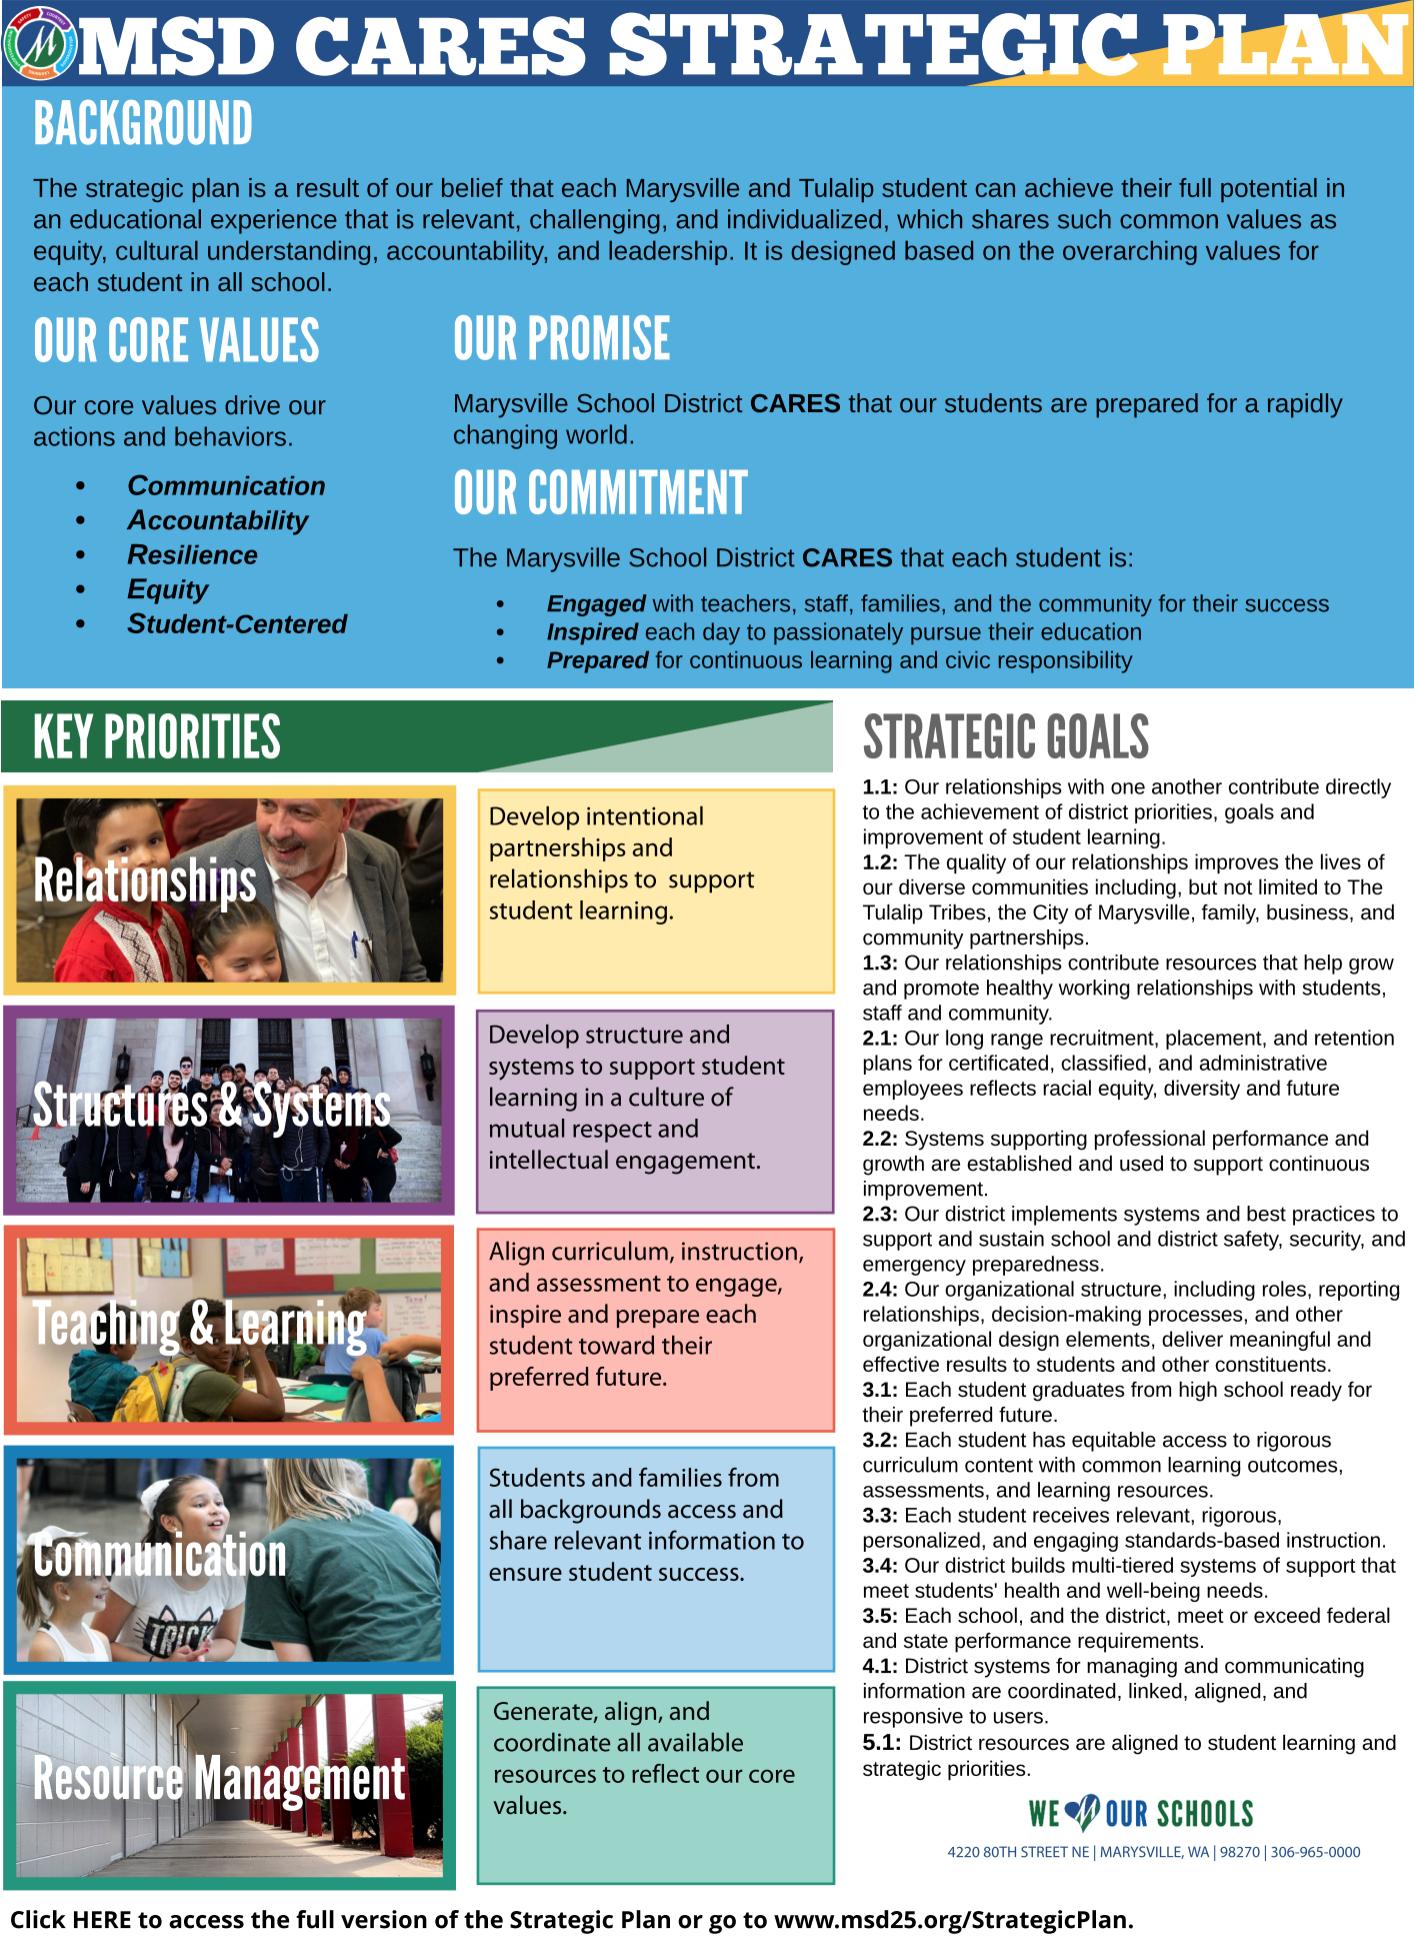 MSD Cares Strategic Plan